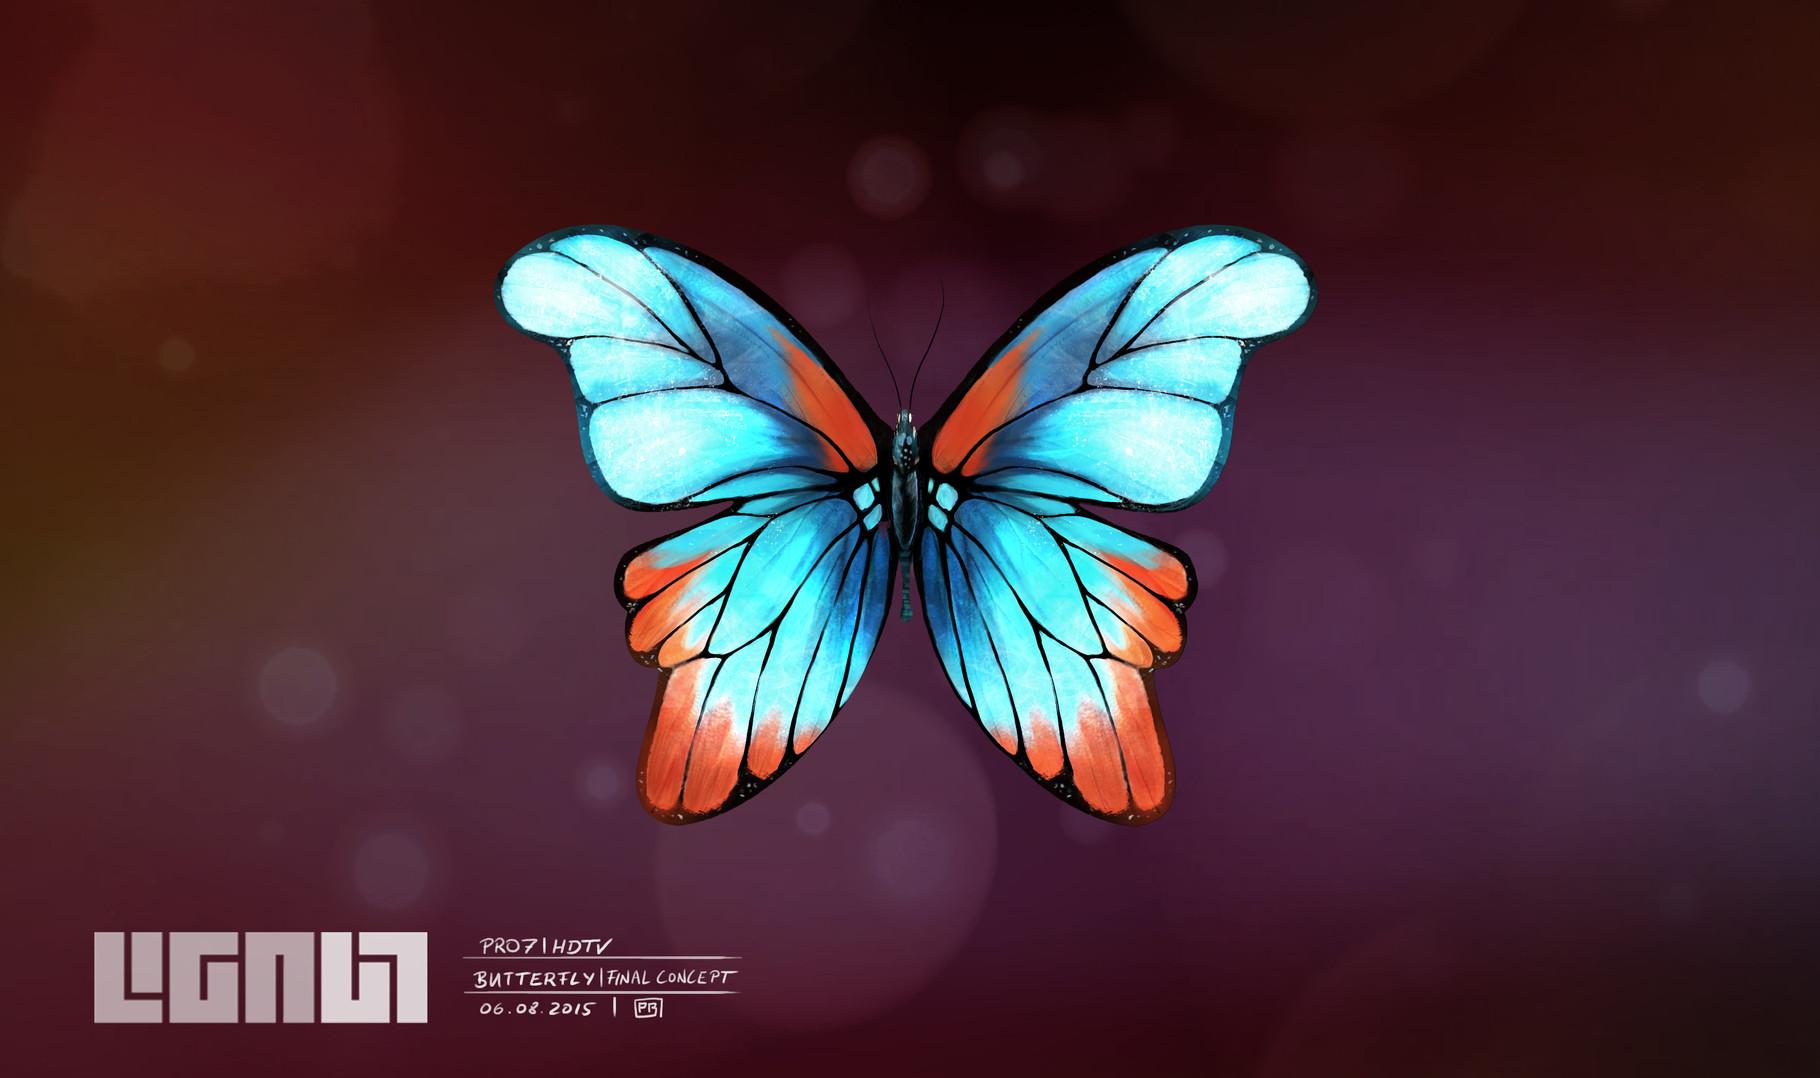 Pro7 HDTV - Butterfly - final concept - Peter Bartels